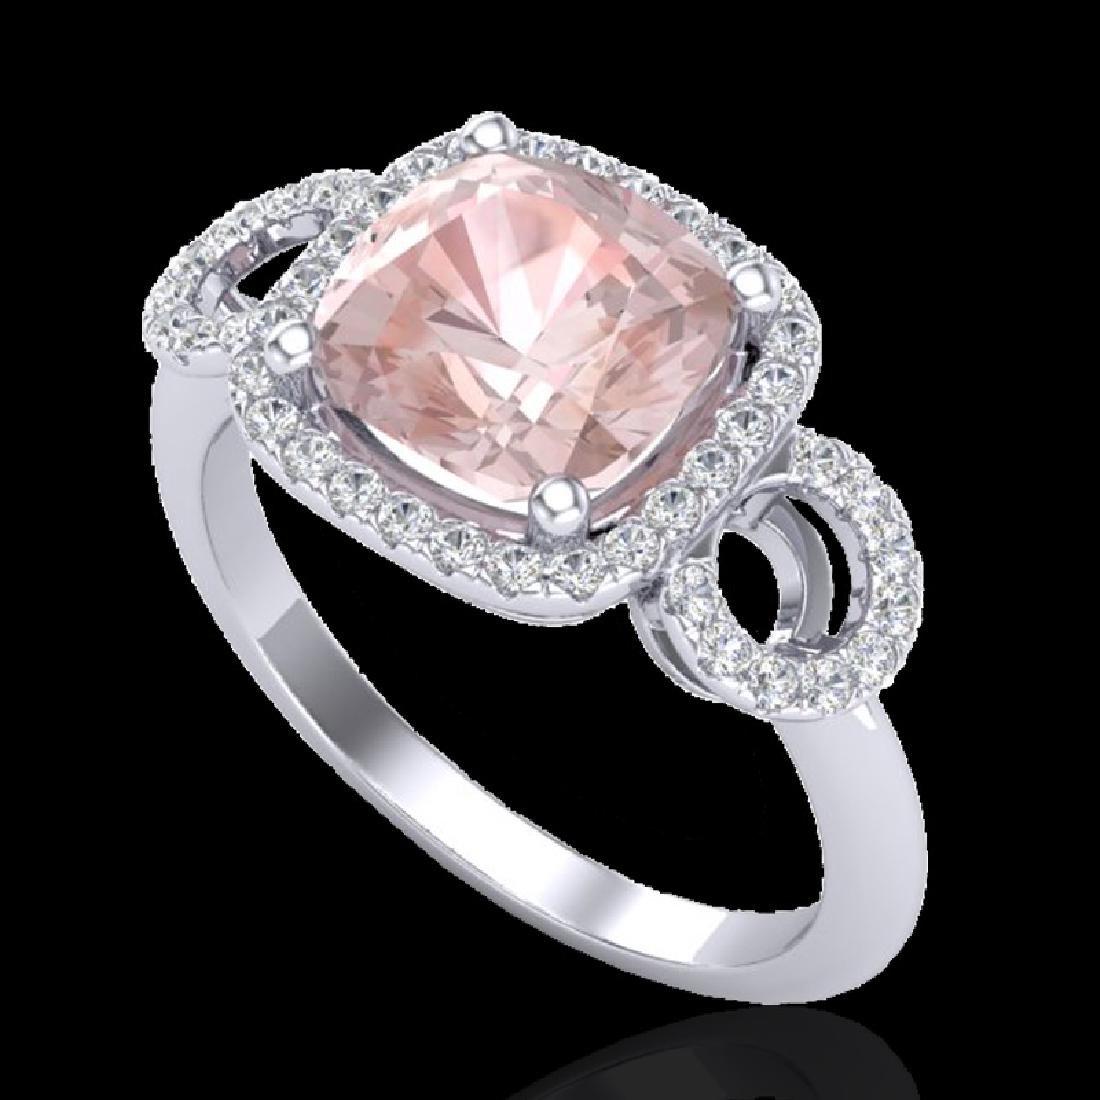 2.75 CTW Morganite & Micro VS/SI Diamond Ring 18K White - 2